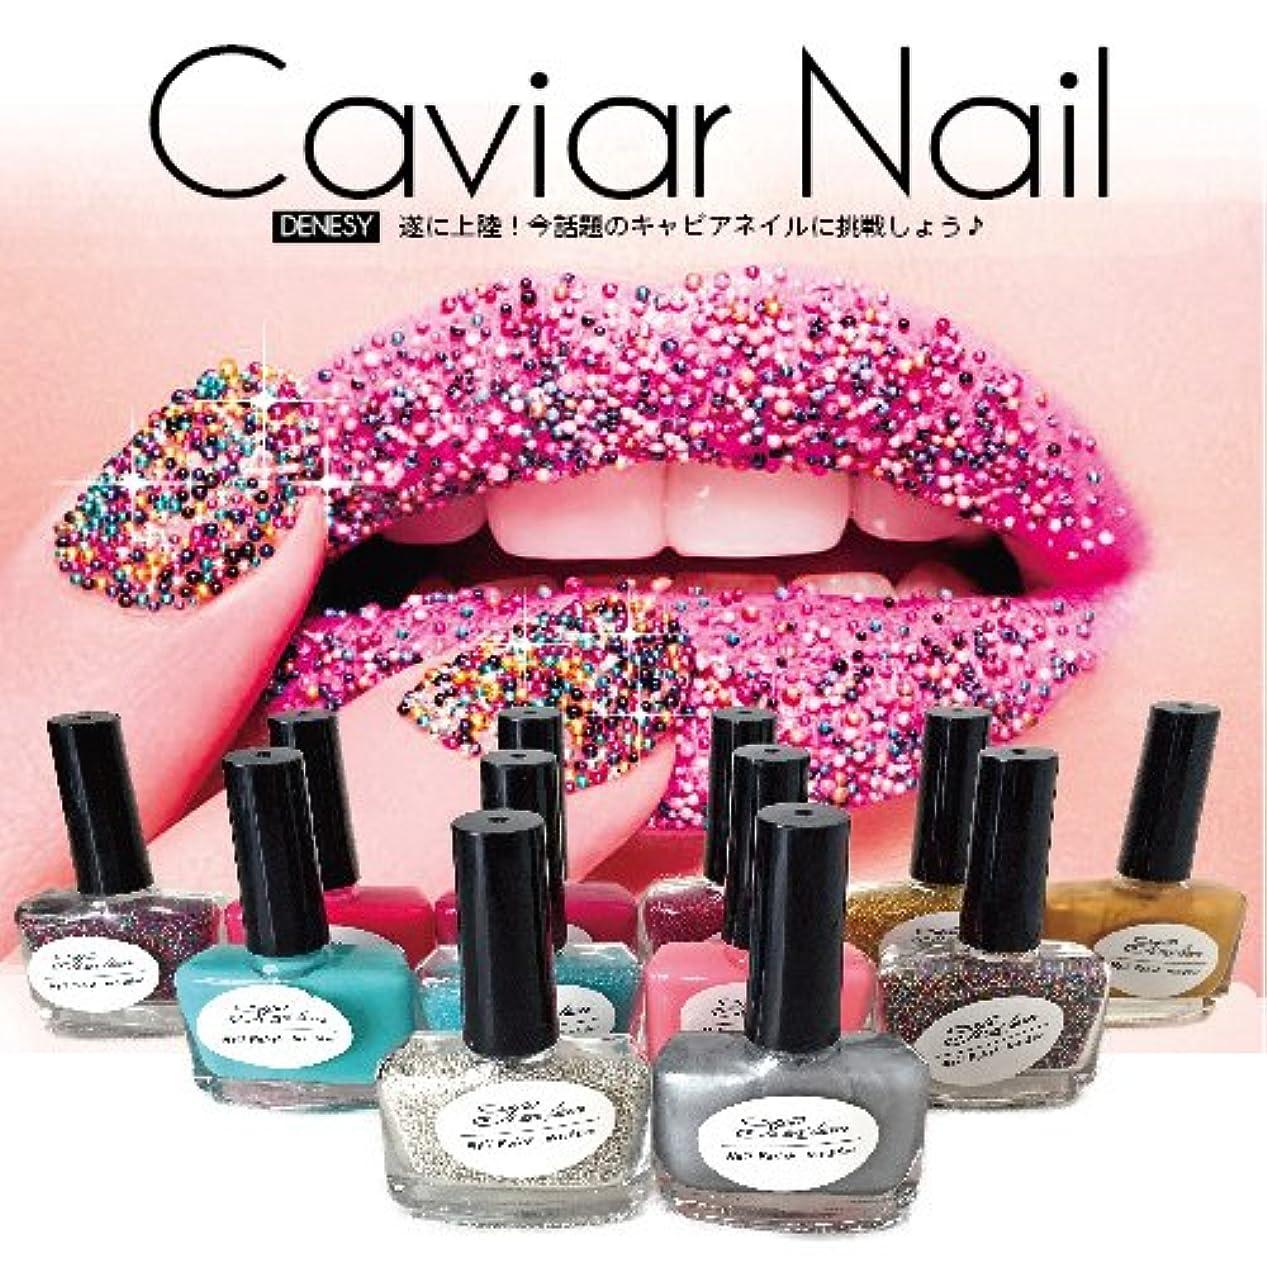 師匠仕事かなりのキャビアネイル DENESY Caviar Nail (3点セット)NEWリニューアル 08:グリーン [マニキュア ネイルカラー ネイルポリッシュ SHANTI Caviar Manicure kit]